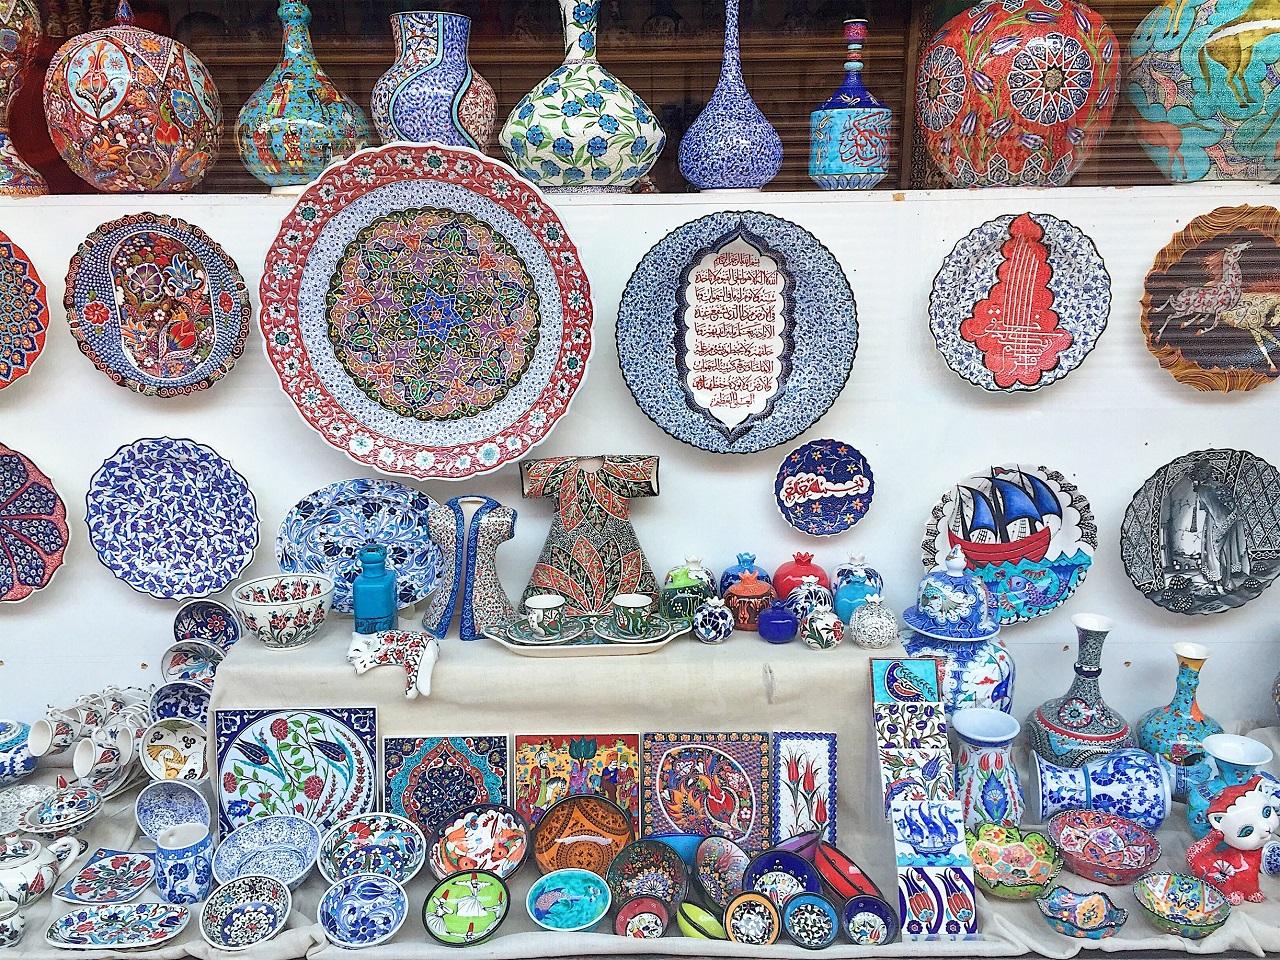 トルコの陶器作品